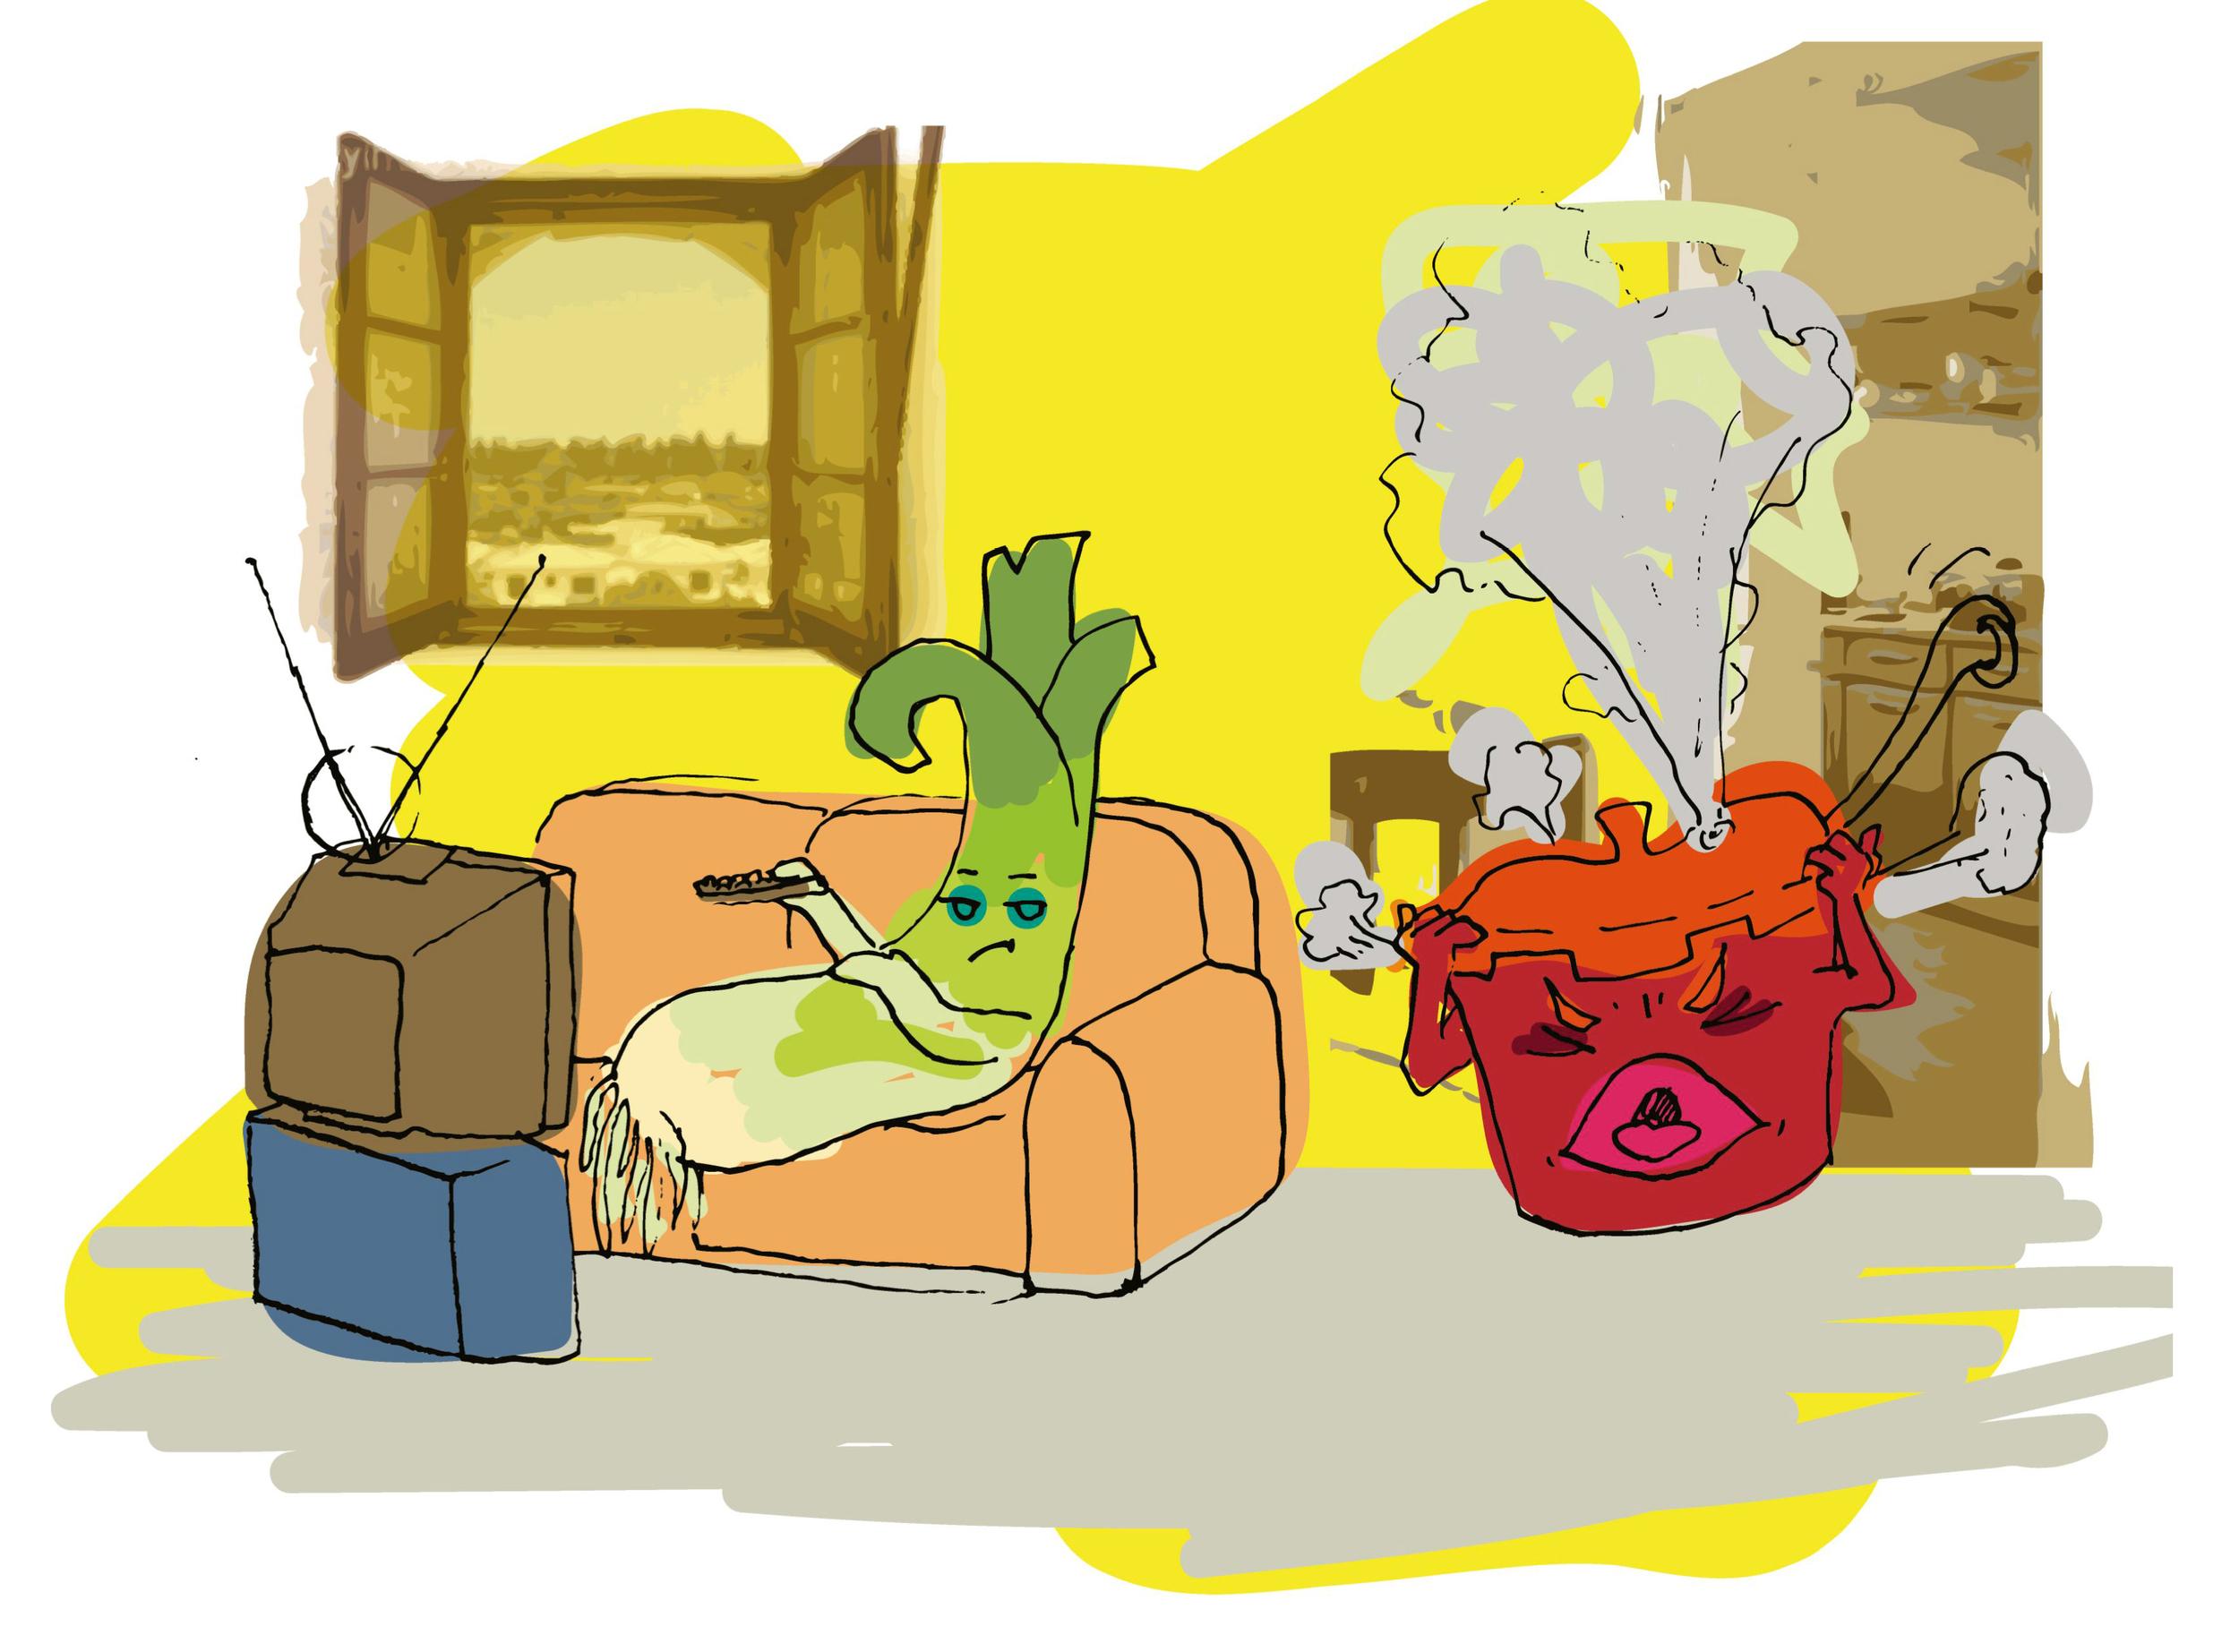 pwyf.sketch5.jpg